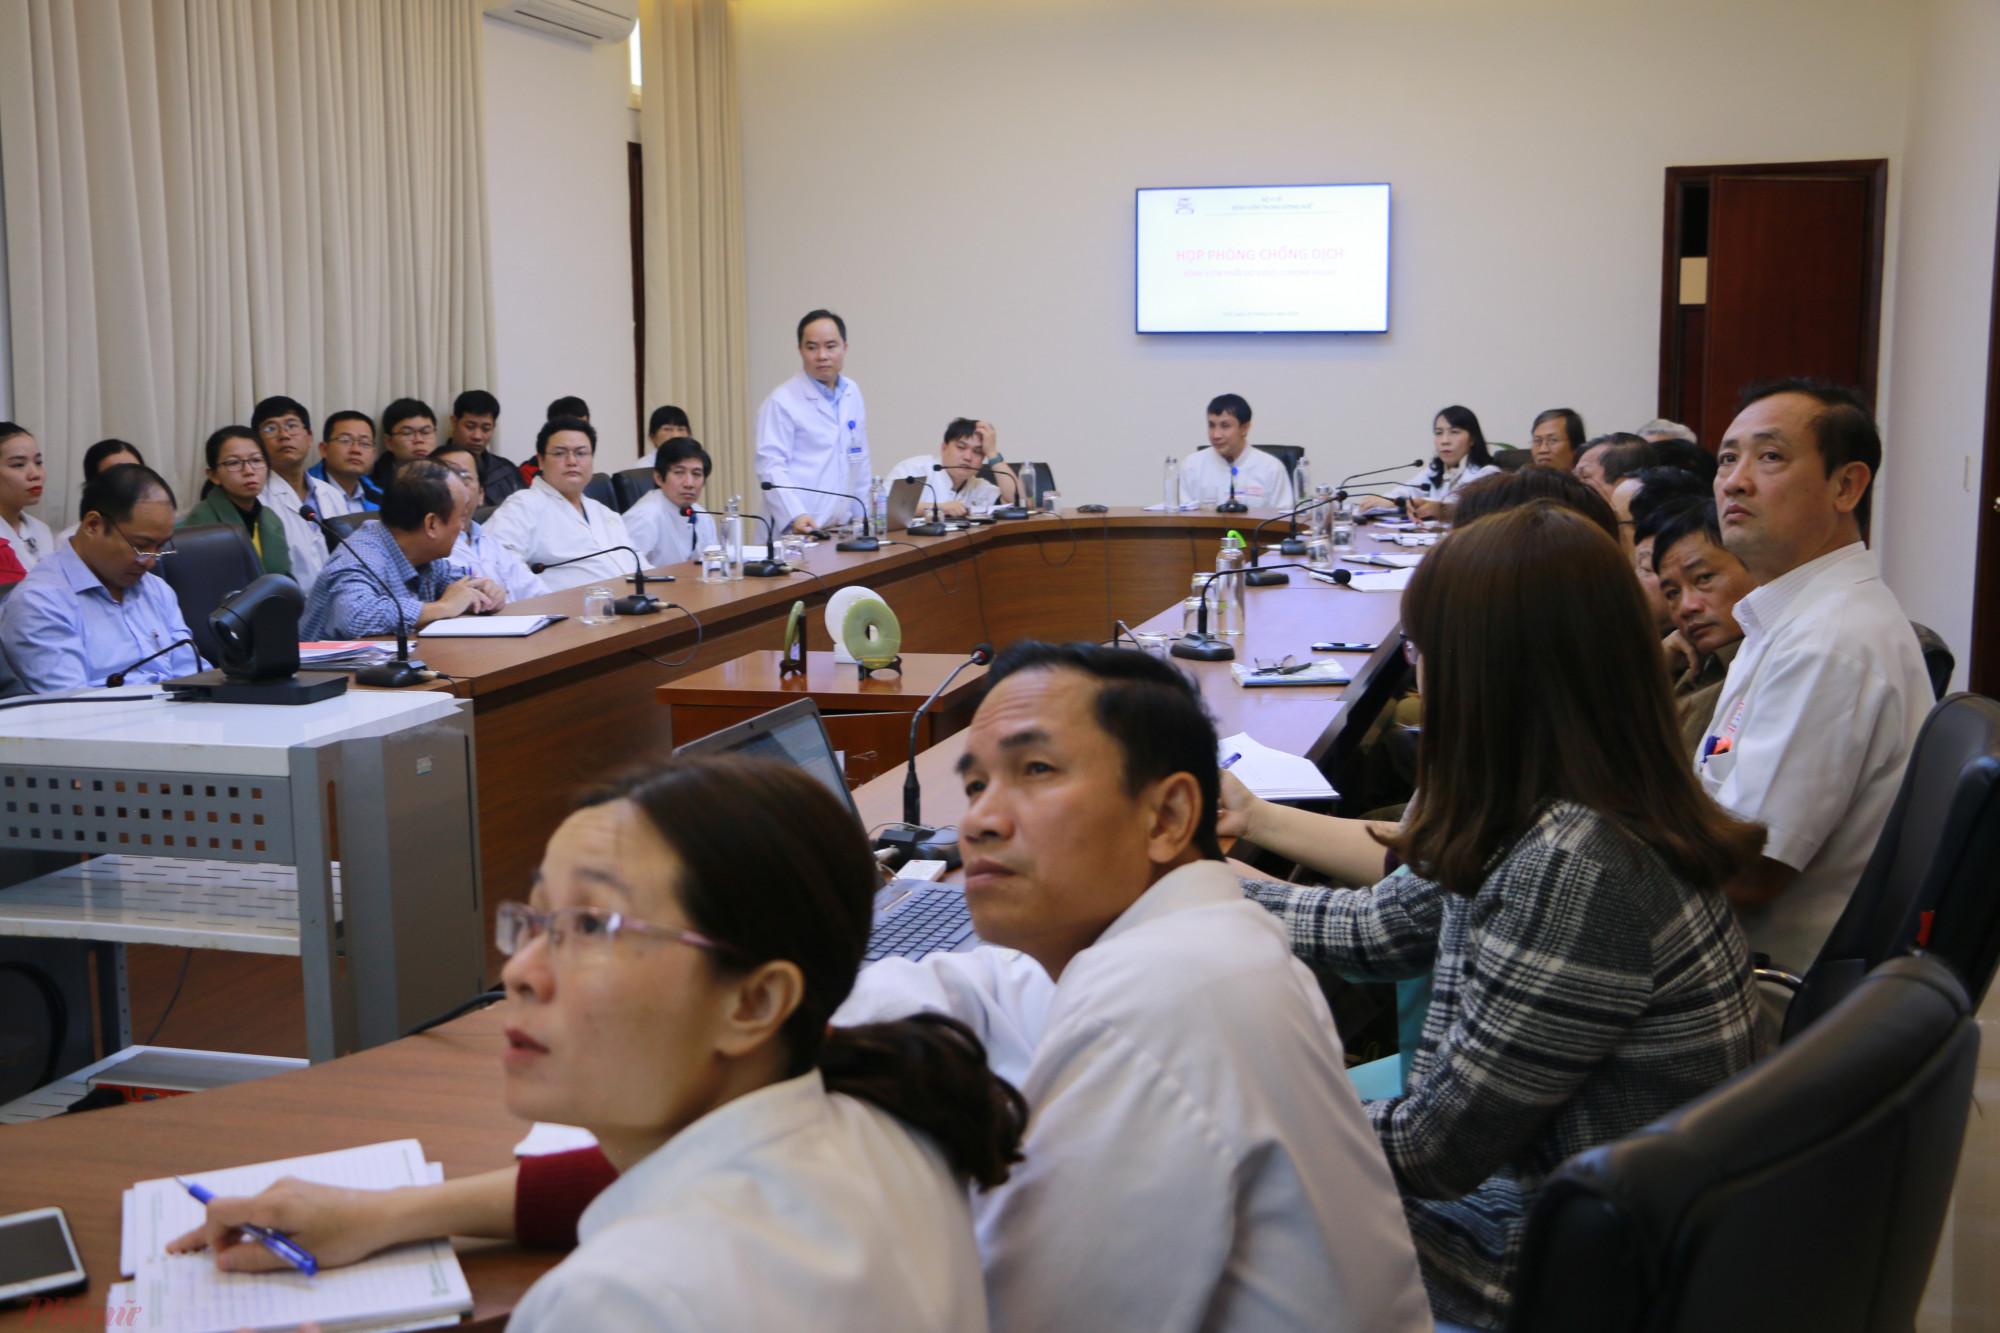 Triển khai công tác phòng chống dịch tại Bệnh viện Trung ương Huế